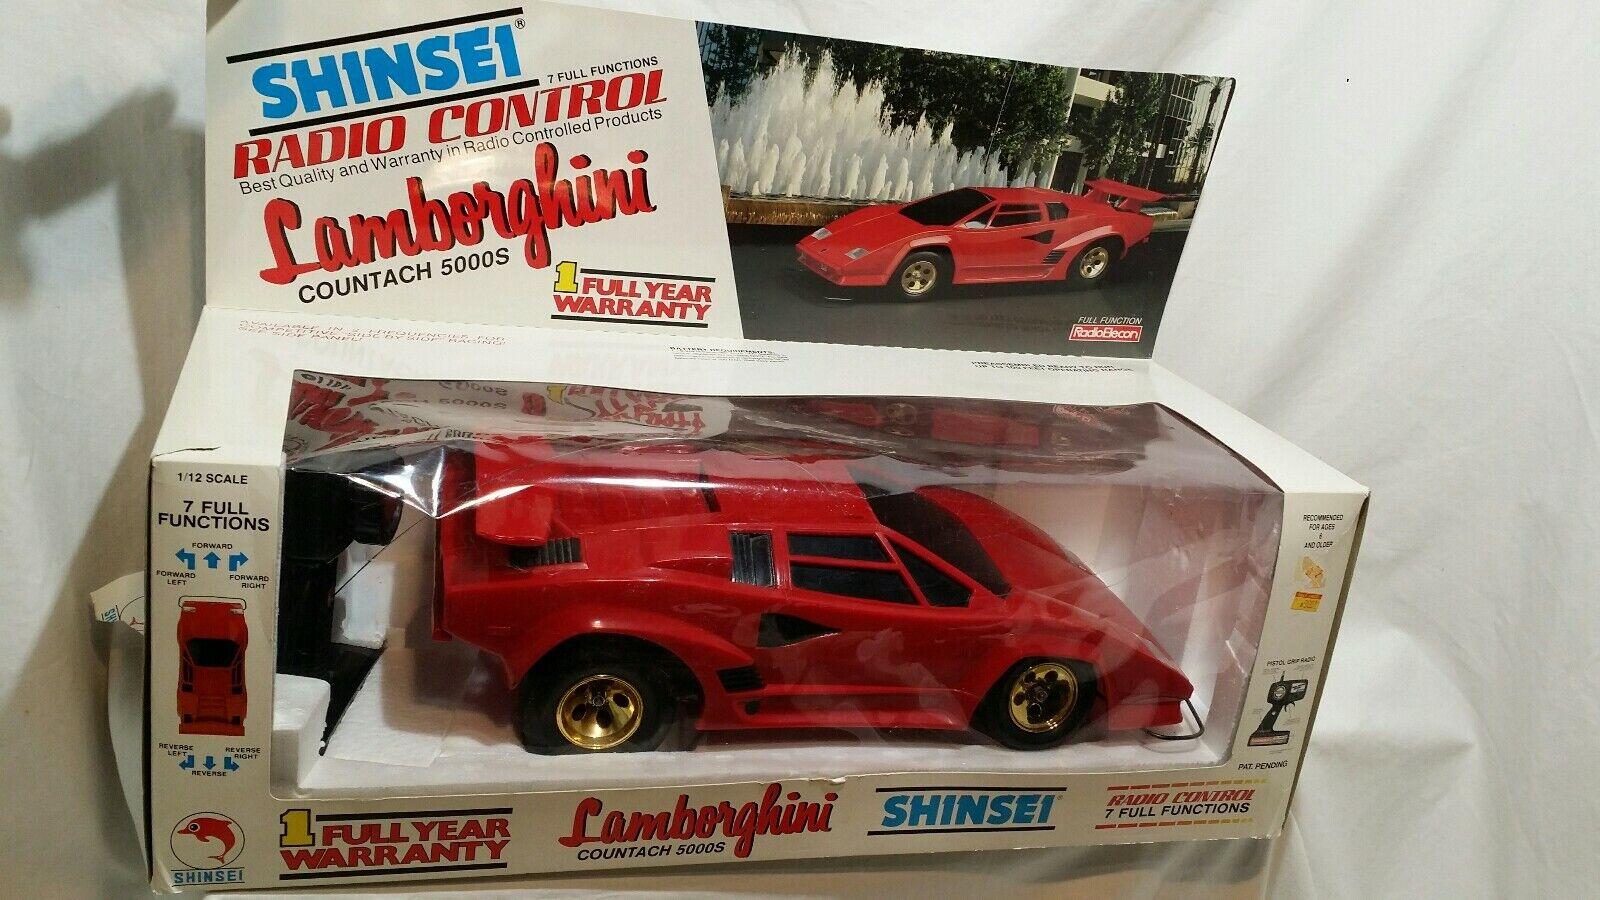 Shinsei Lamborghini RC Radio Control Countach 5000s rosso